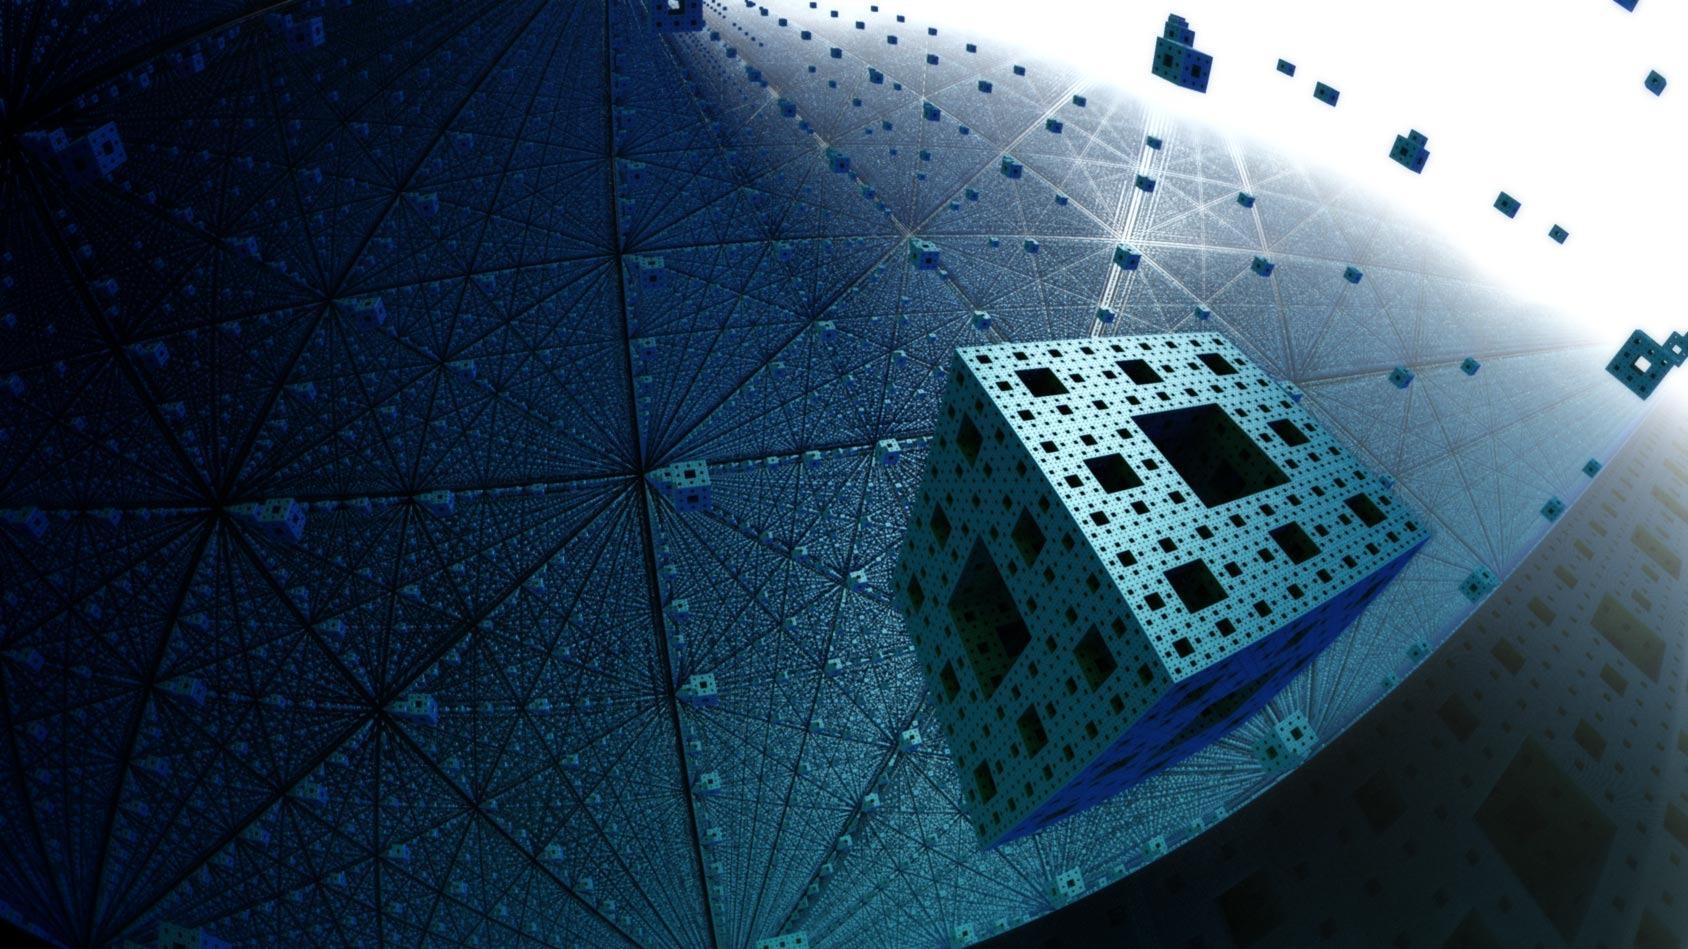 科學家證明了4維空間的存在,假如人類進入4維,會變成什么人?的頭圖